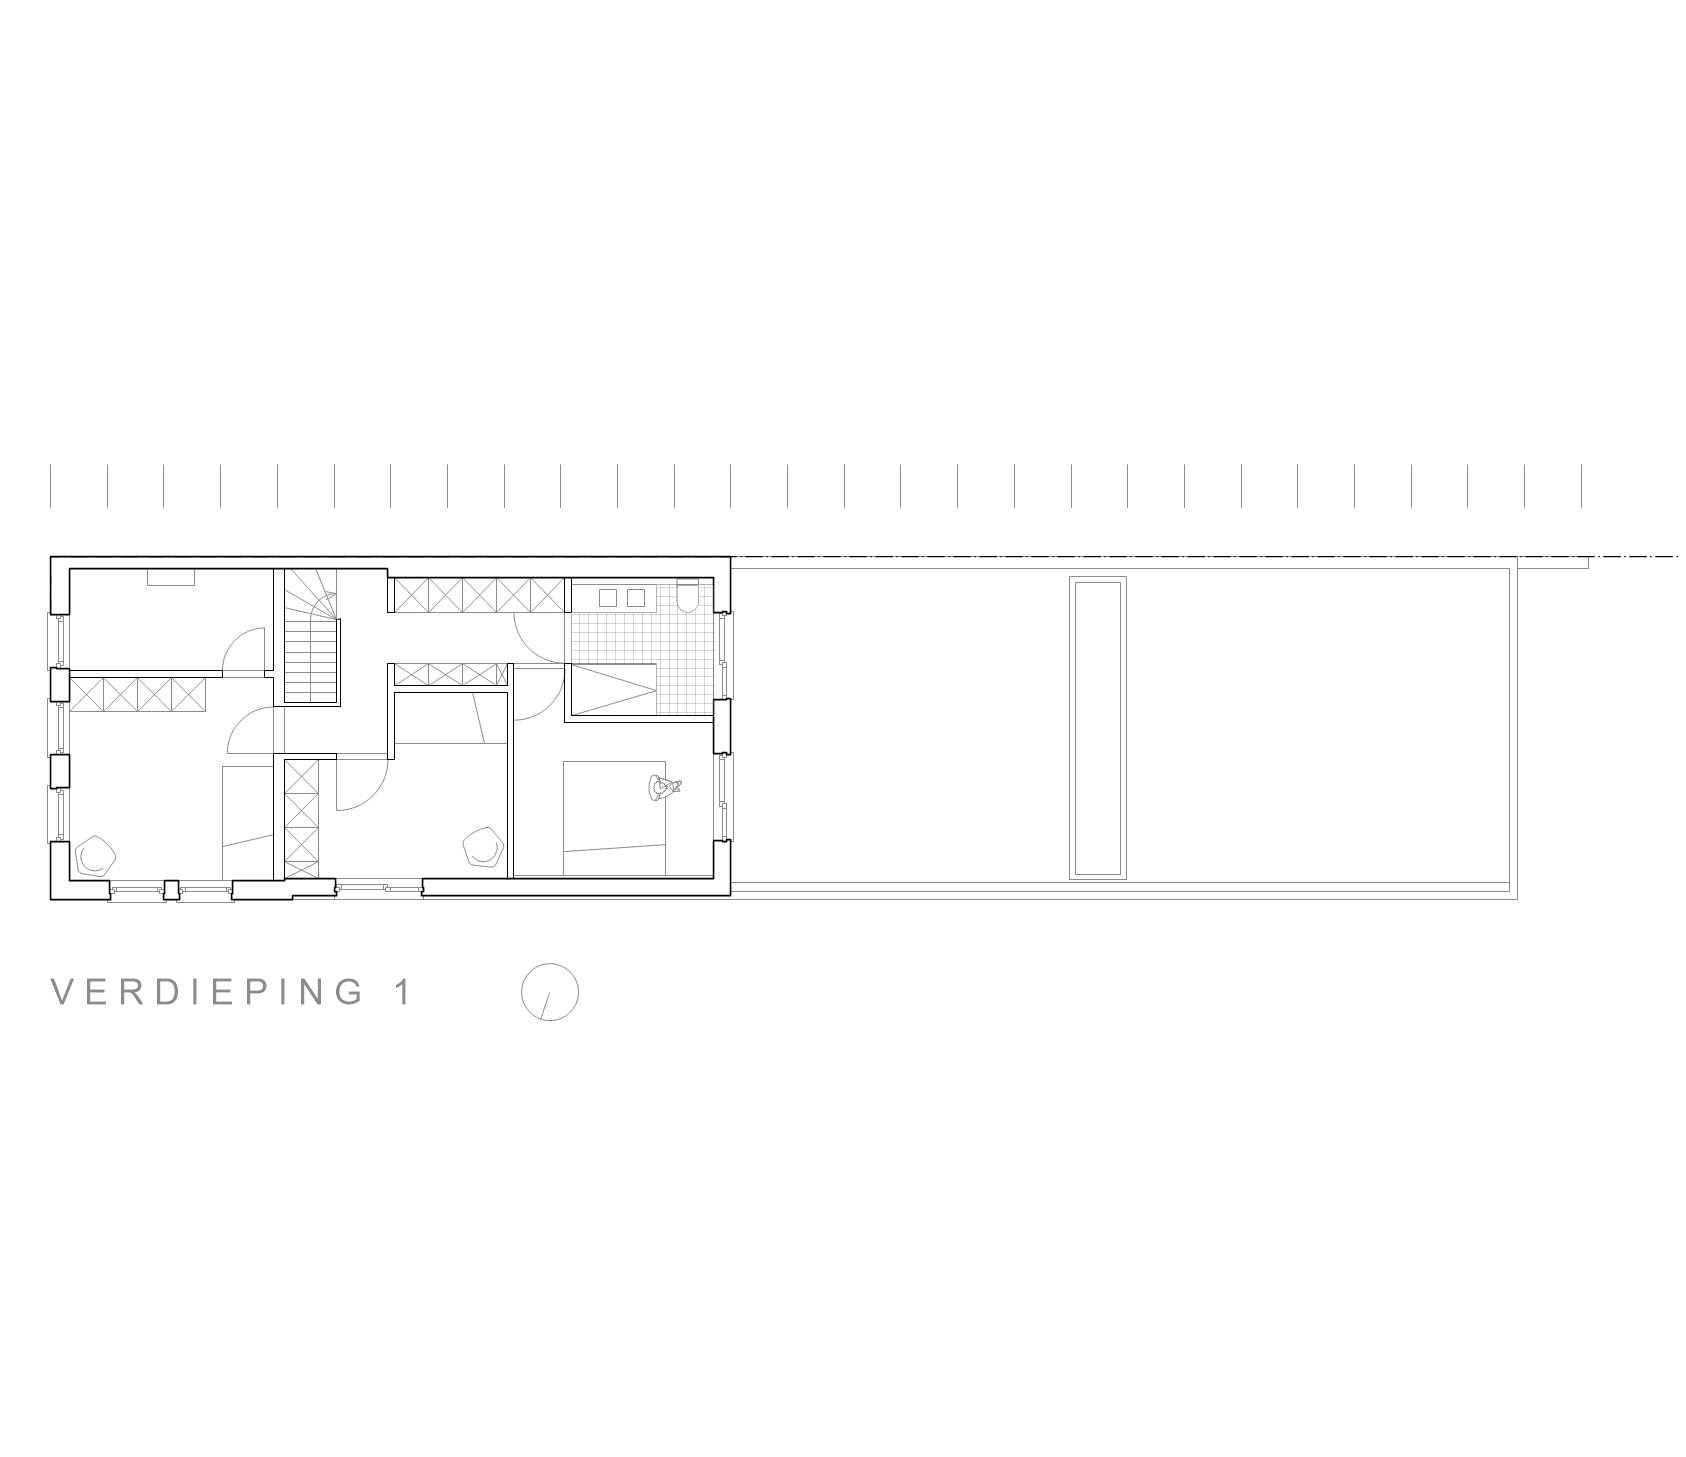 K1927-Verdieping_groot